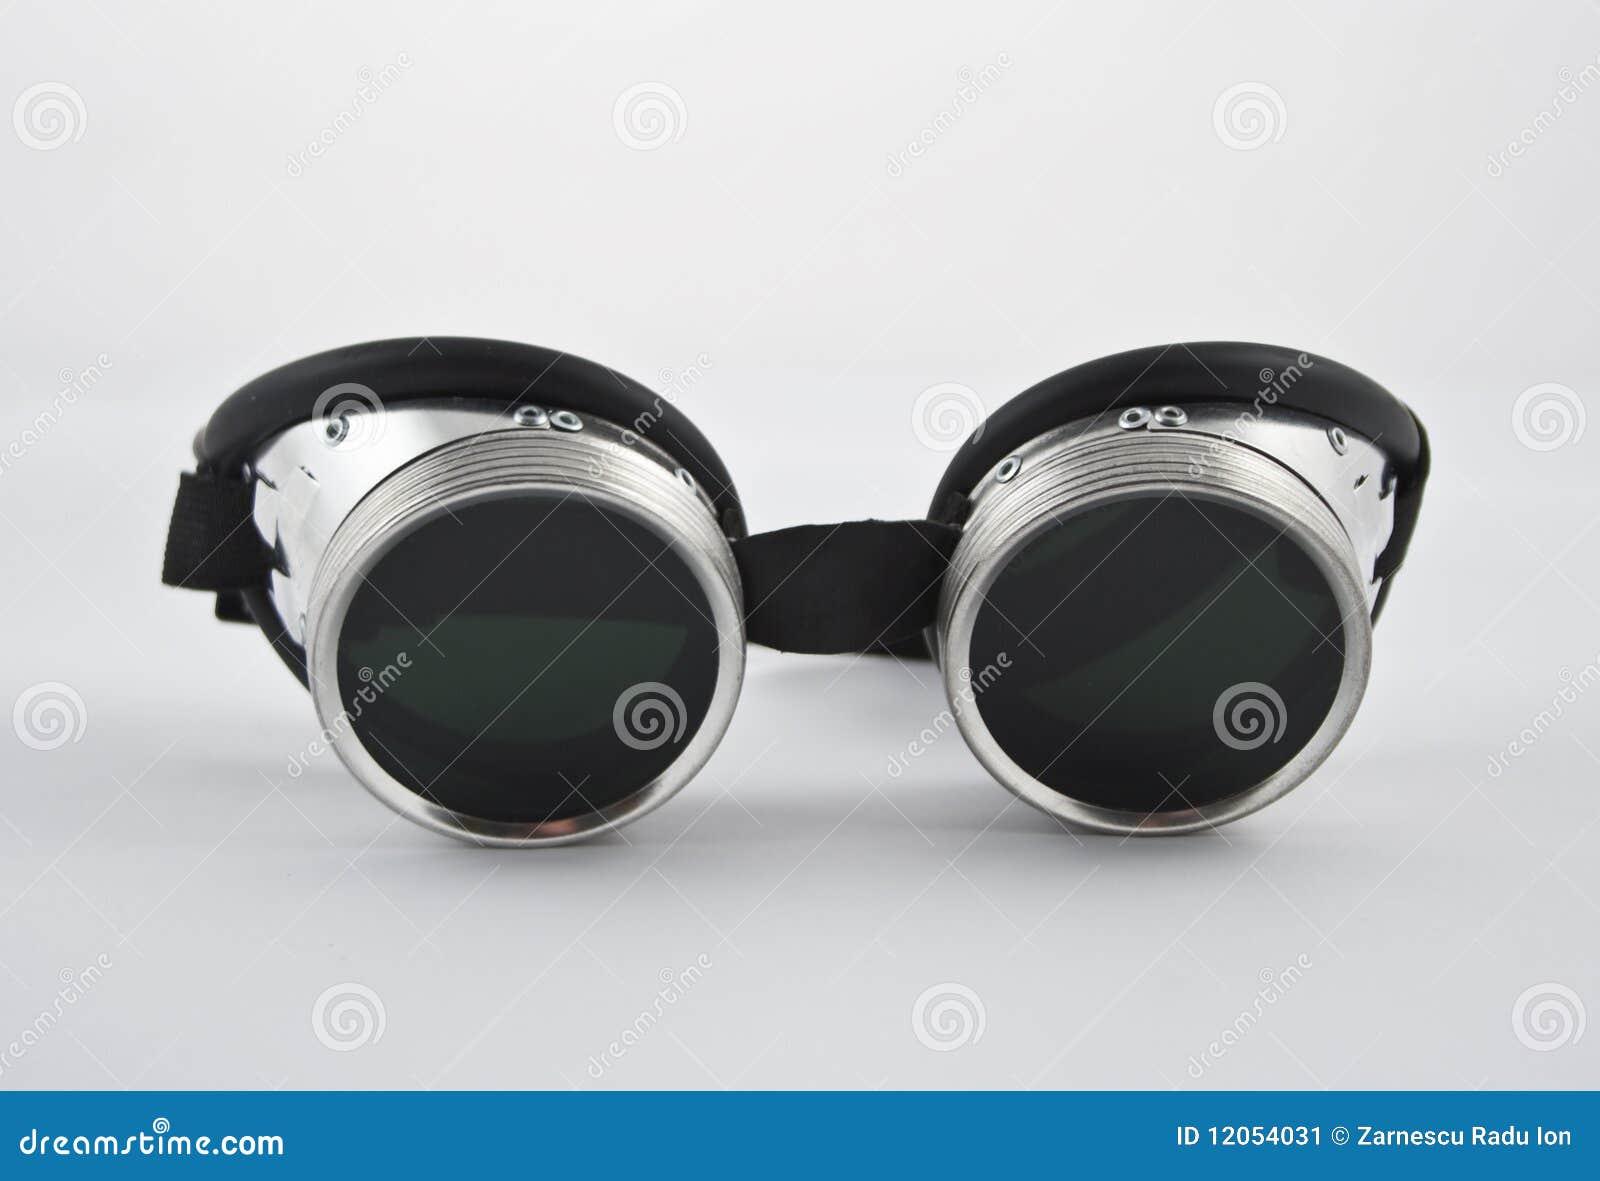 lunettes de soudure image stock image du pare protection. Black Bedroom Furniture Sets. Home Design Ideas